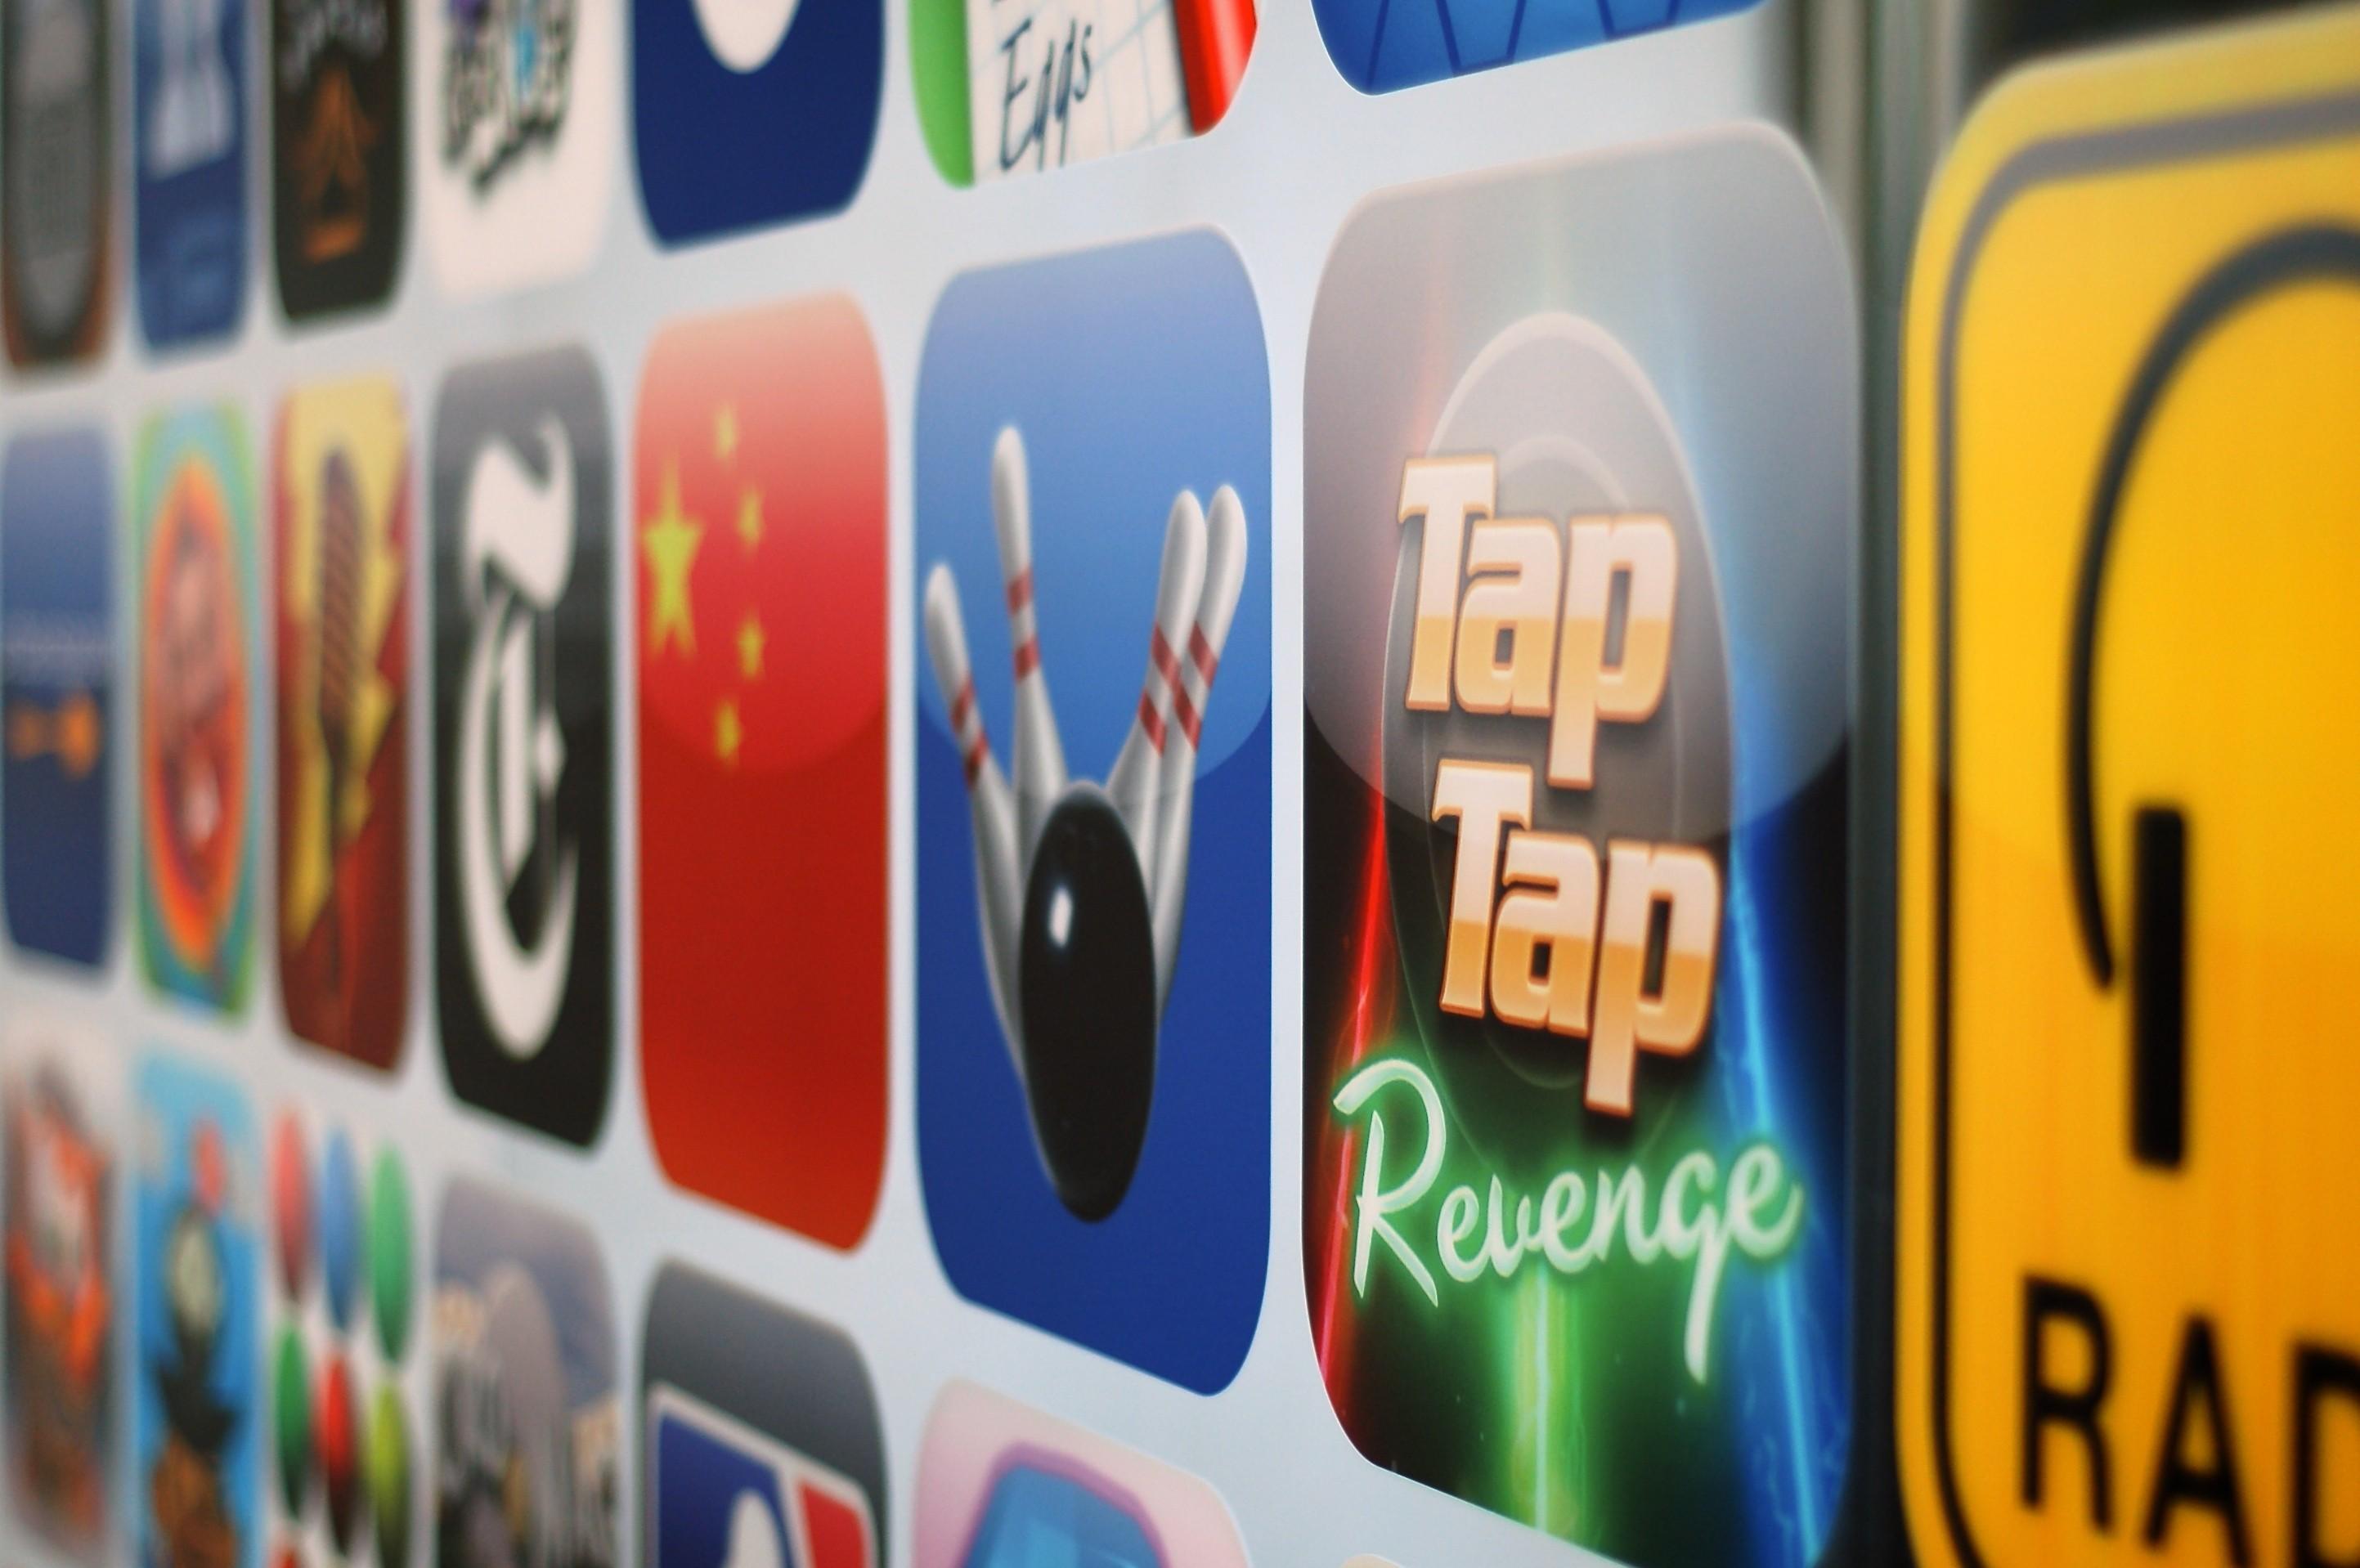 appstore 2 - Những ứng dụng tốt nên có cho iPhone